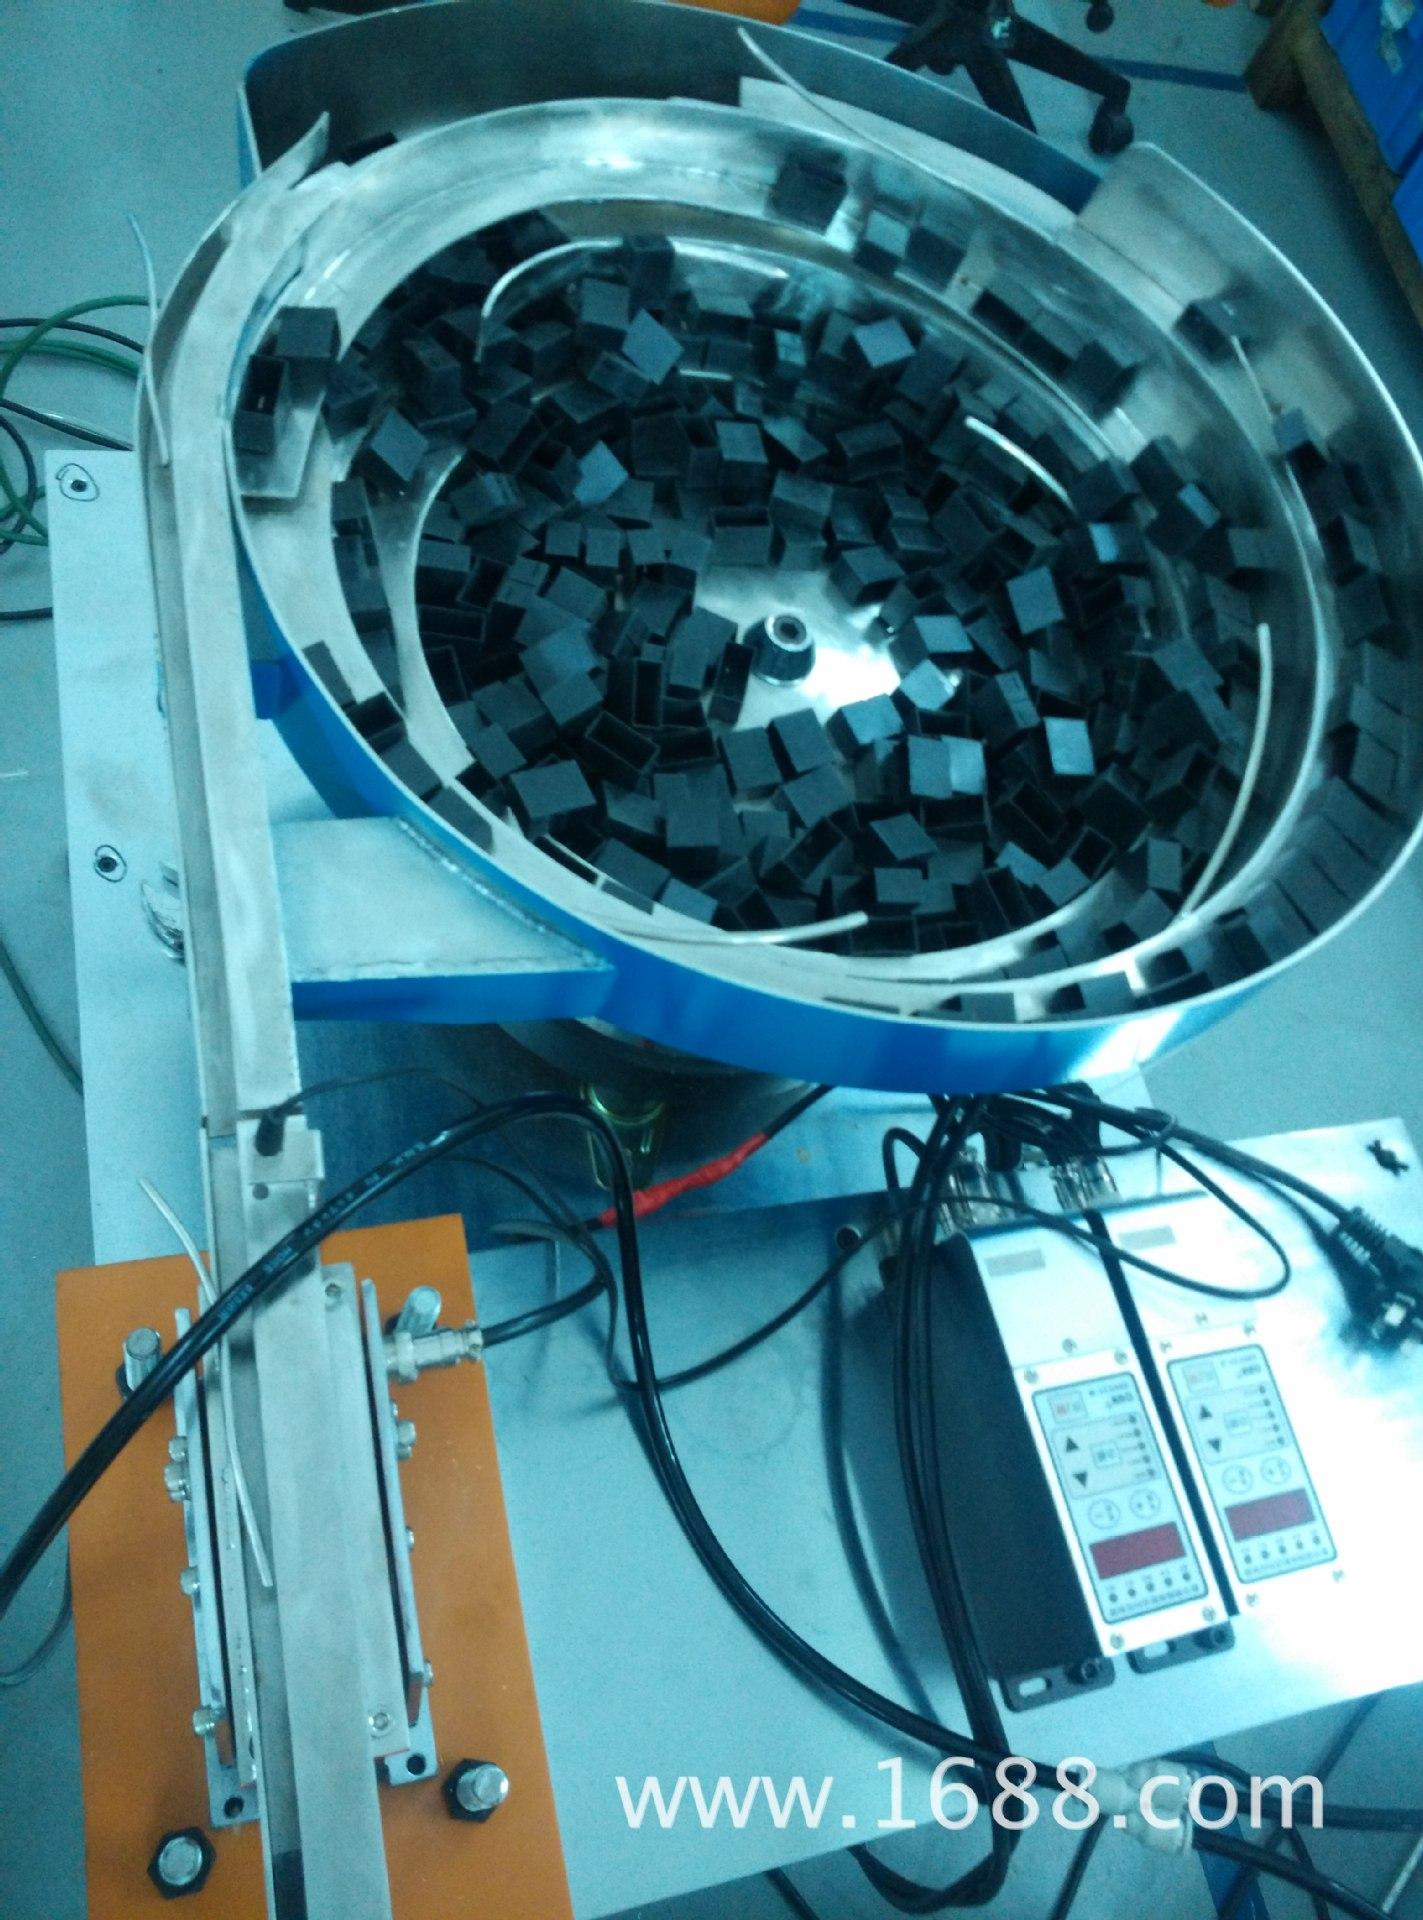 Máy sàng   Condoms vibration plates Guangxi vibration plates Guangdong vibration plates Welcome to